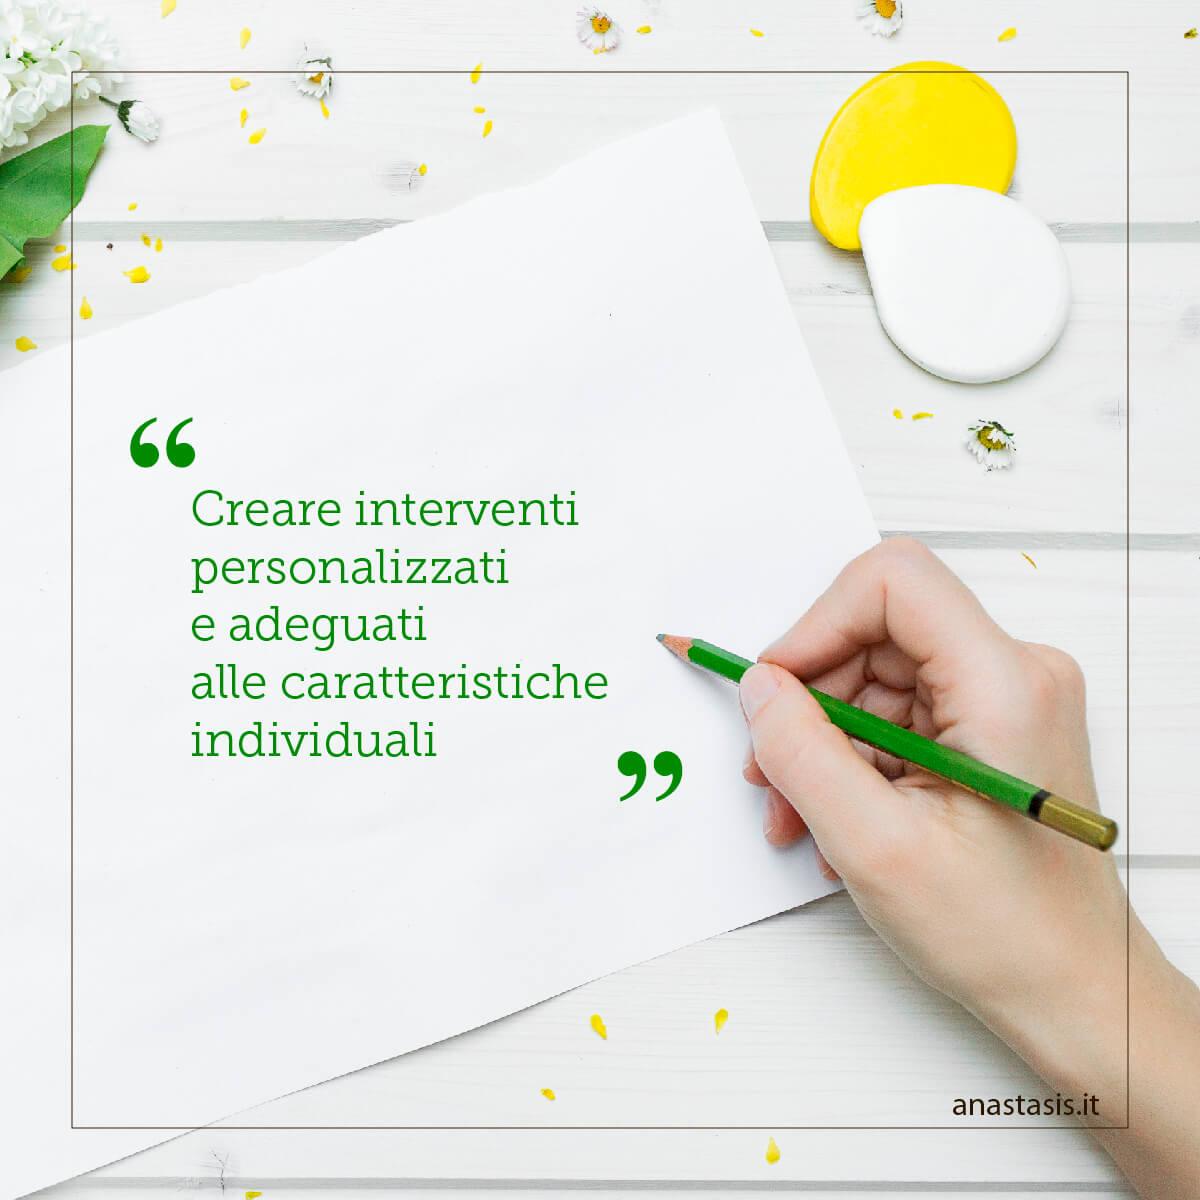 Creare interventi personalizzati e adeguati alle caratteristiche individuali